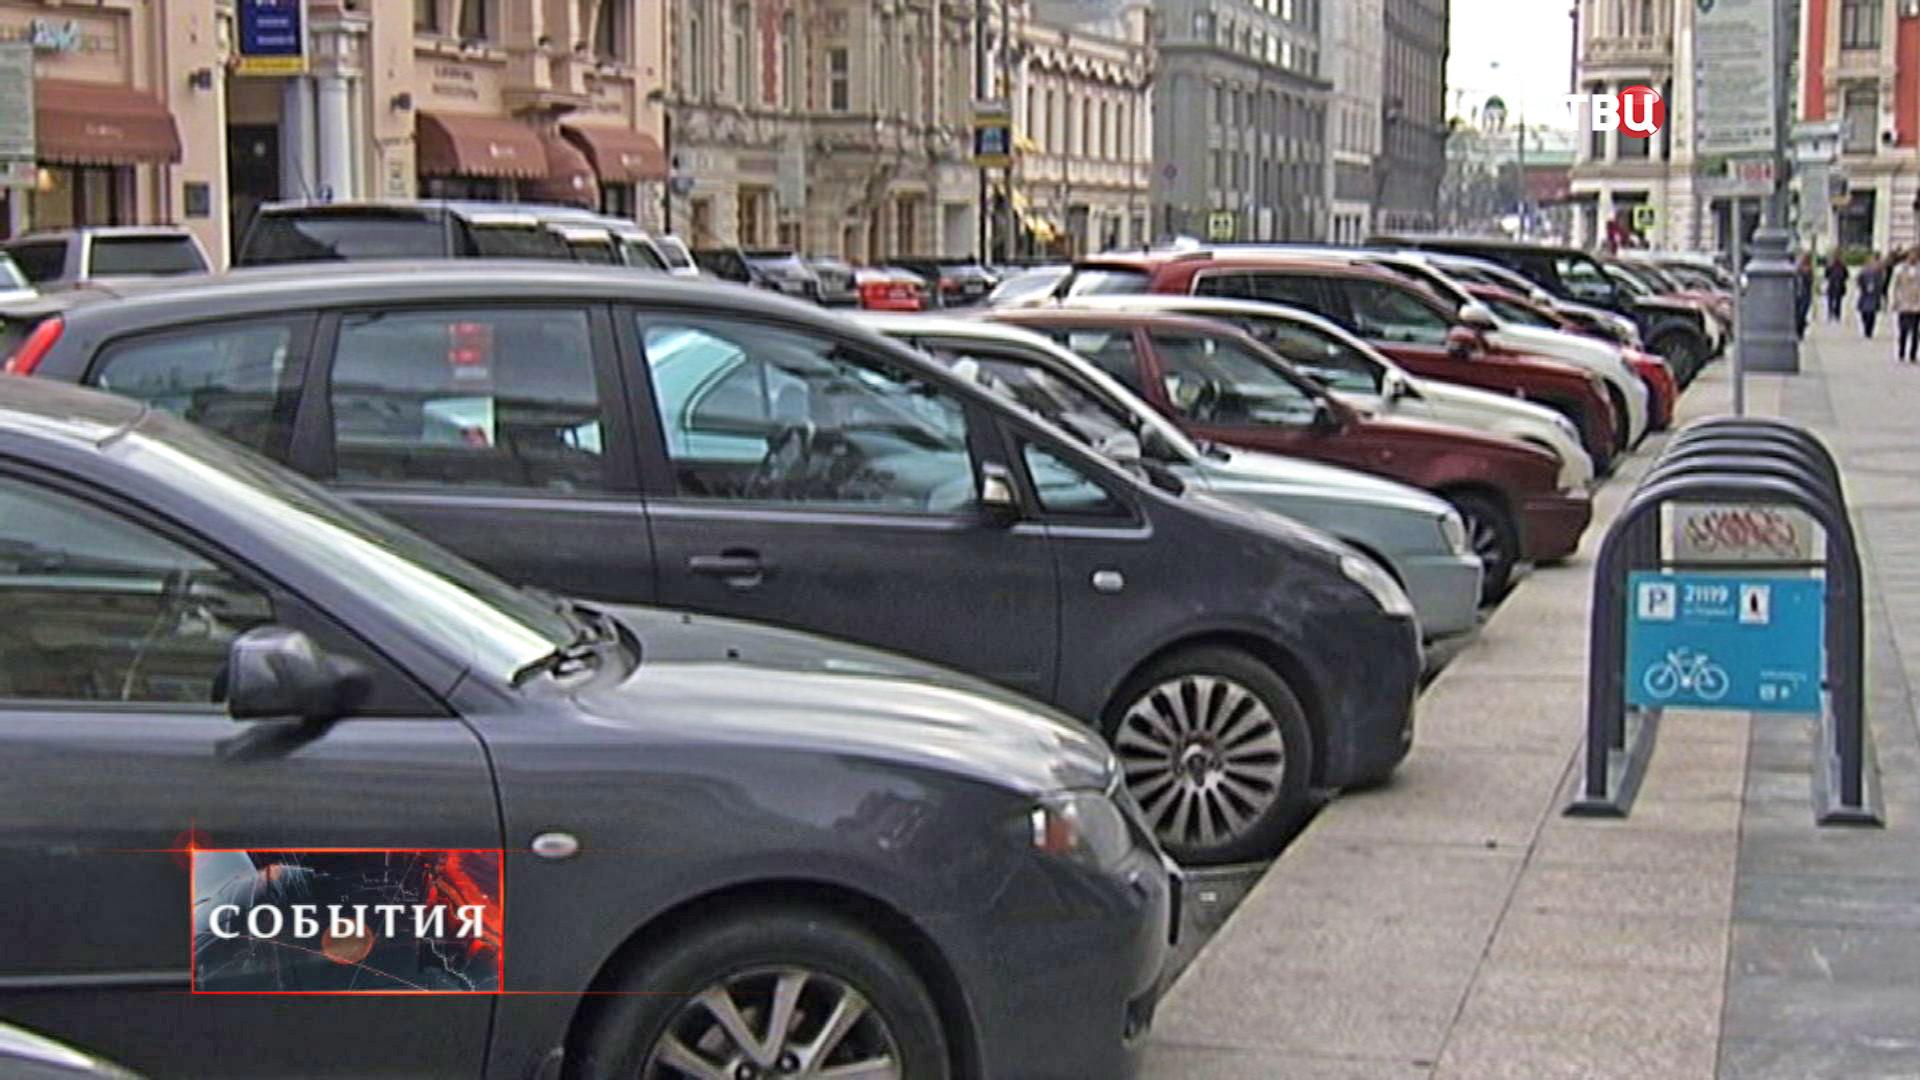 Парковка автотранспорта в центре Москвы